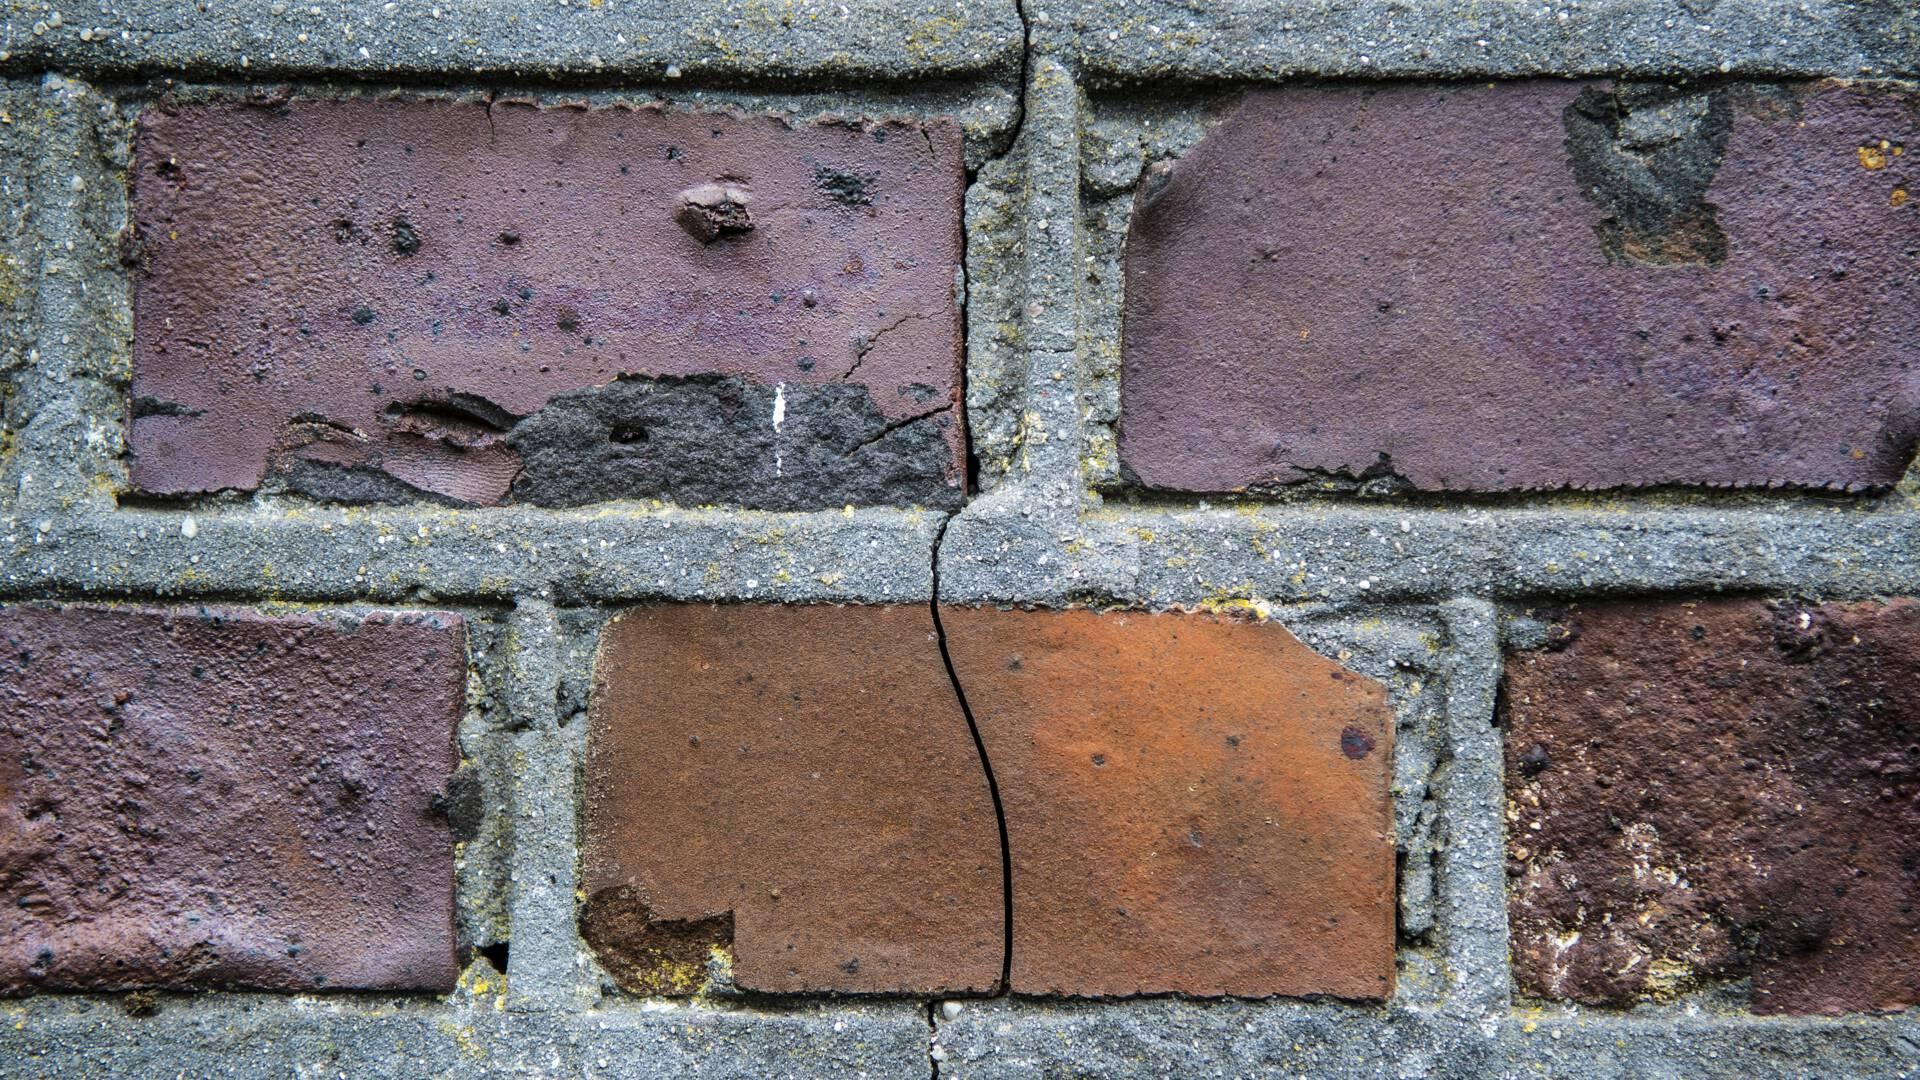 زلزال ضعيف في مدينة Winde في هولندا